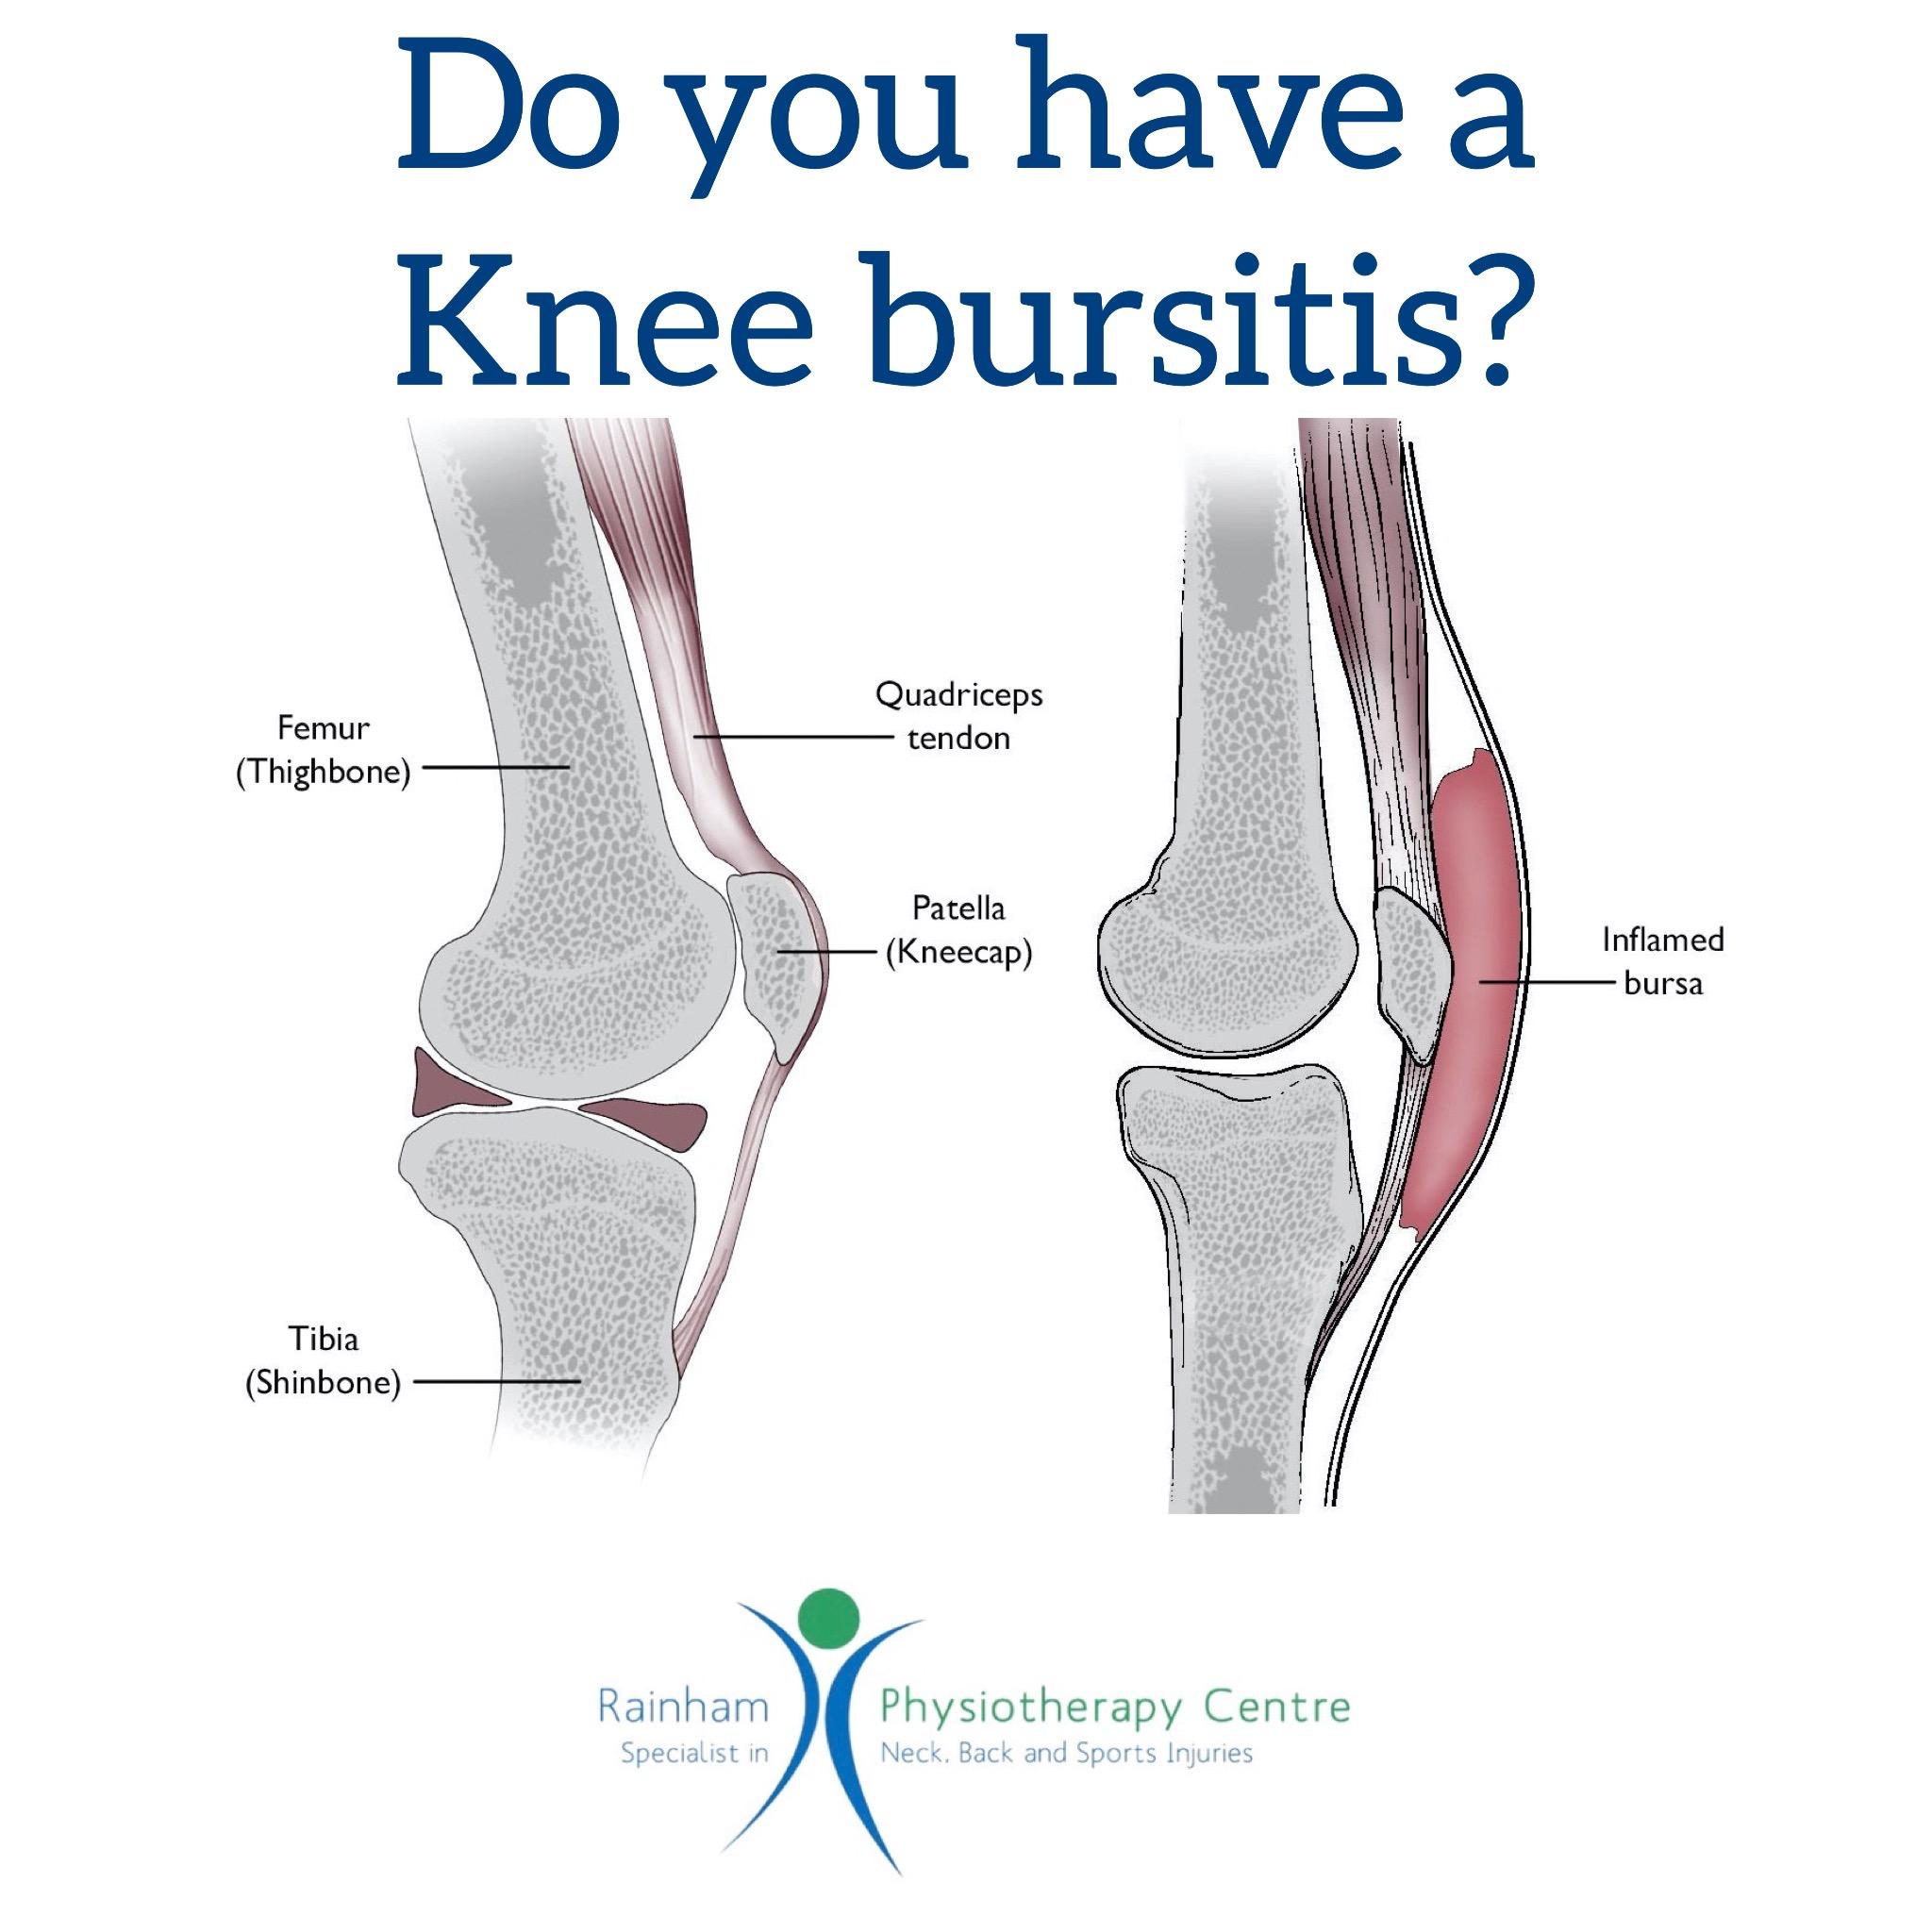 Do you have a knee bursitis?